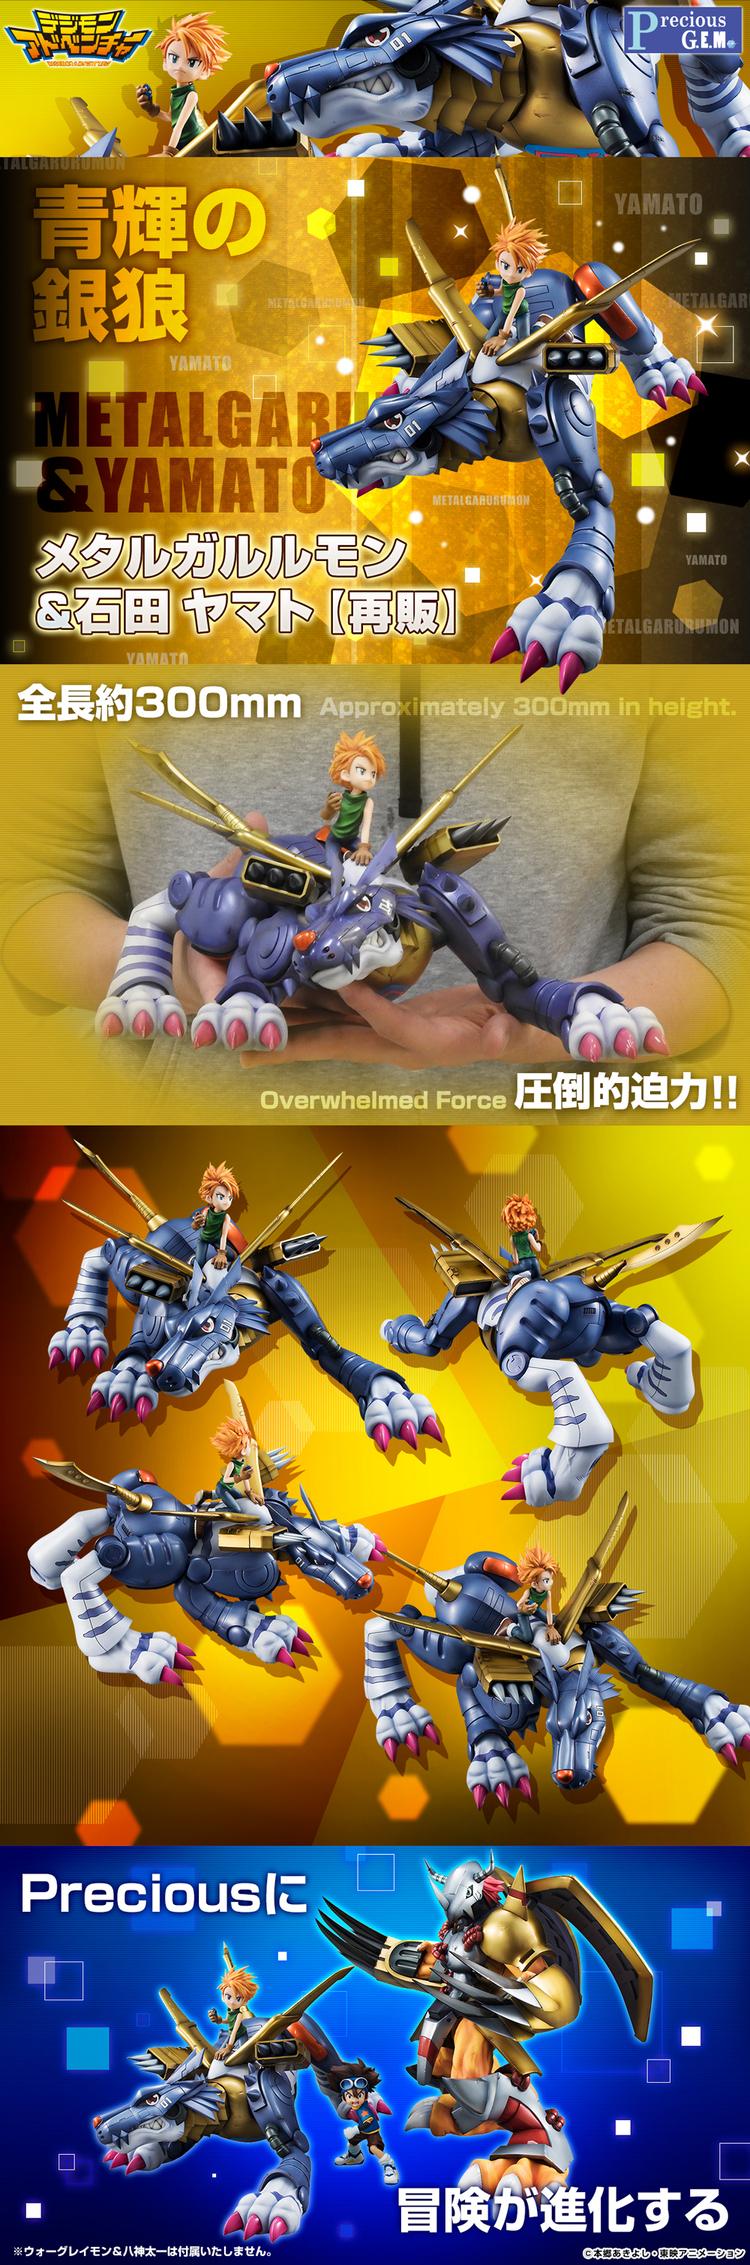 Megahouse GEM 钢铁加鲁鲁 再版 售价18500日元